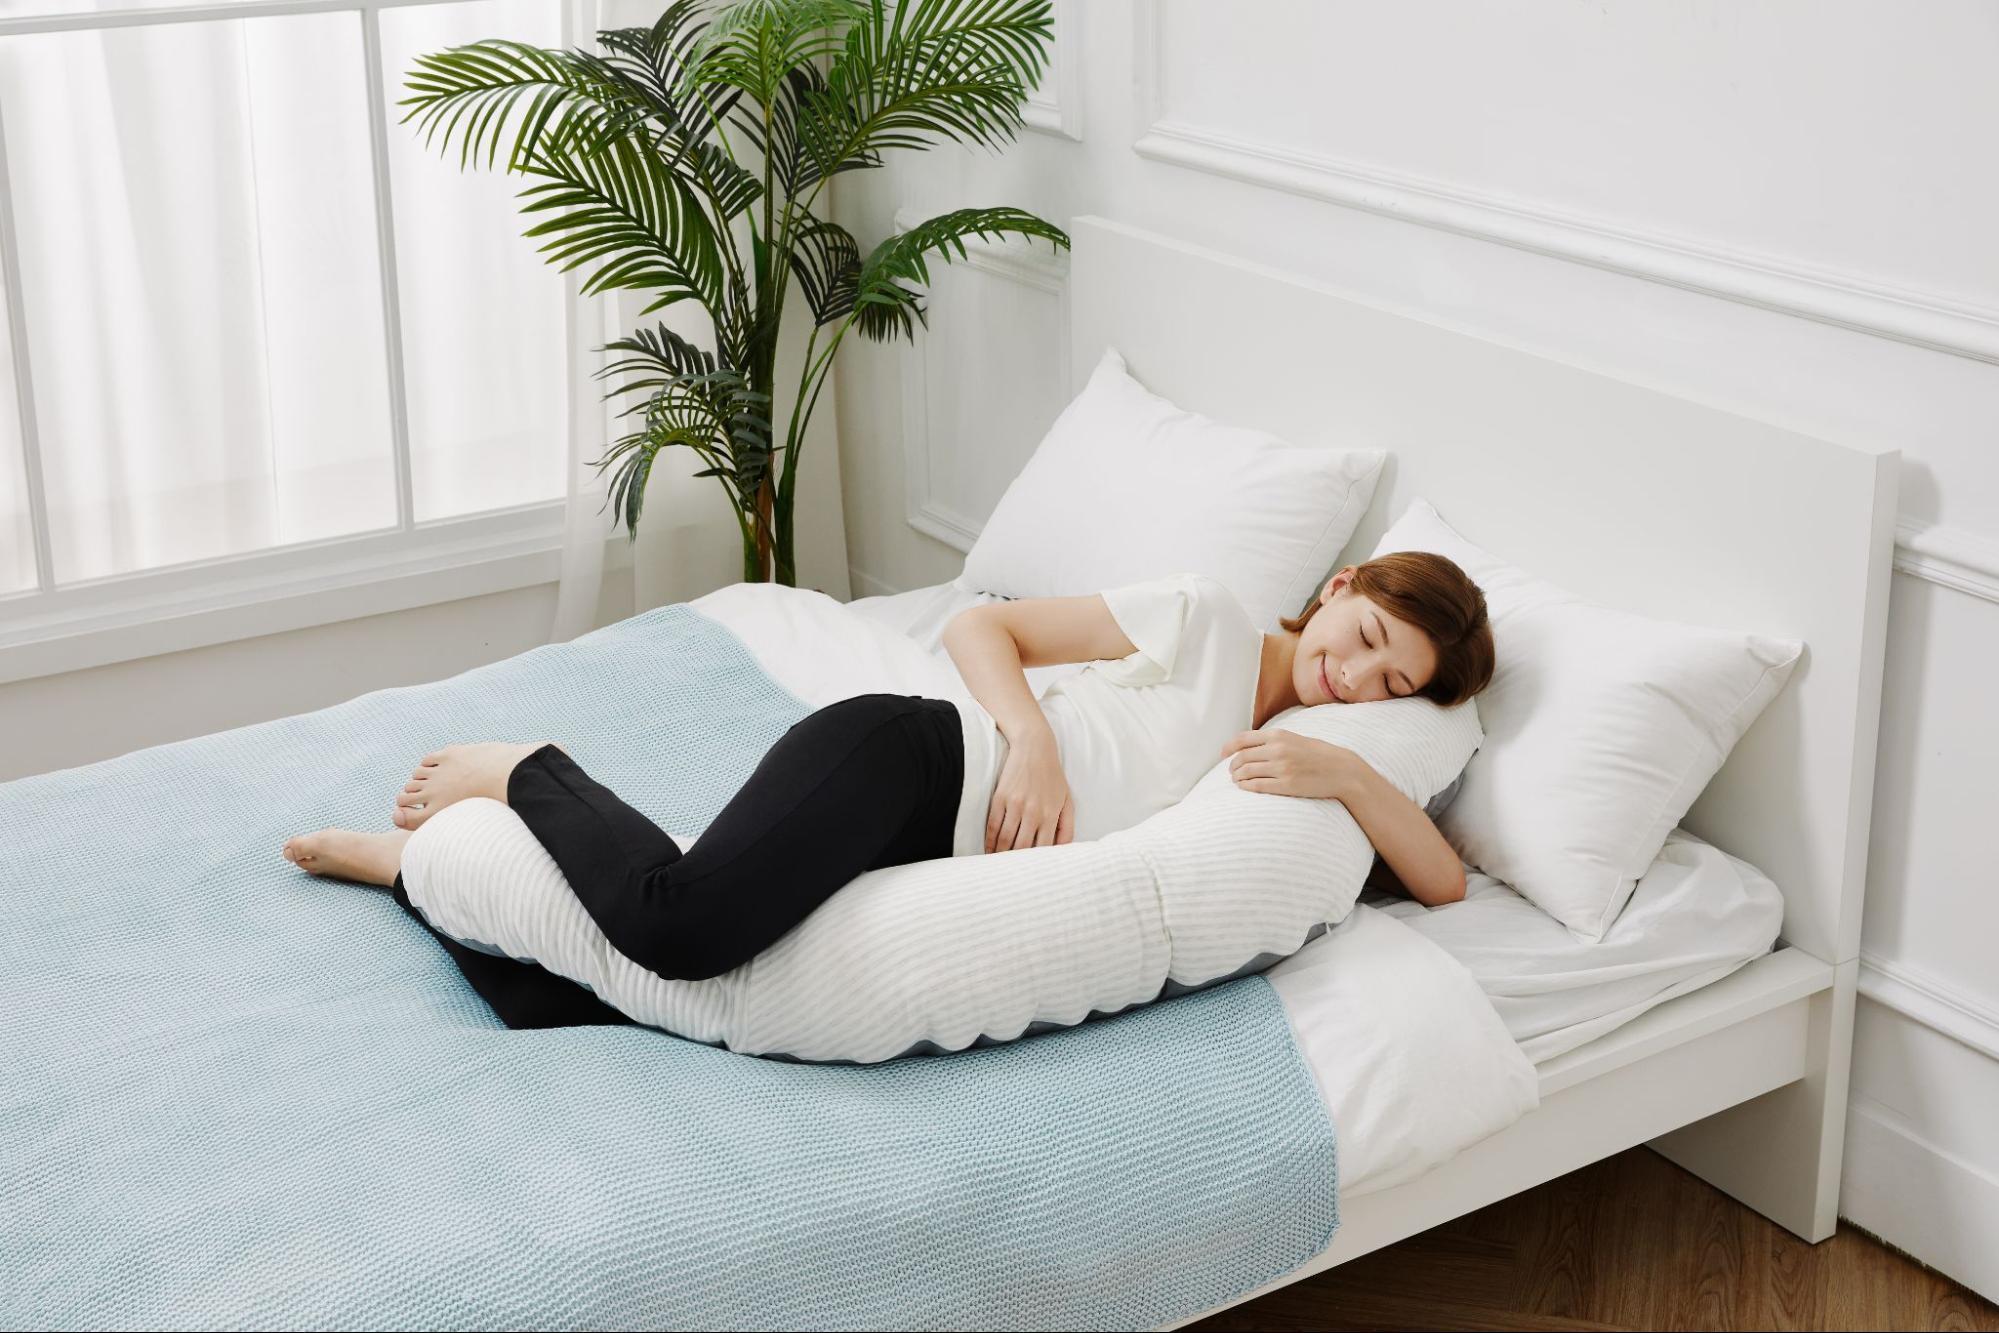 懷孕時使用月亮枕孕婦枕可減緩身體壓力